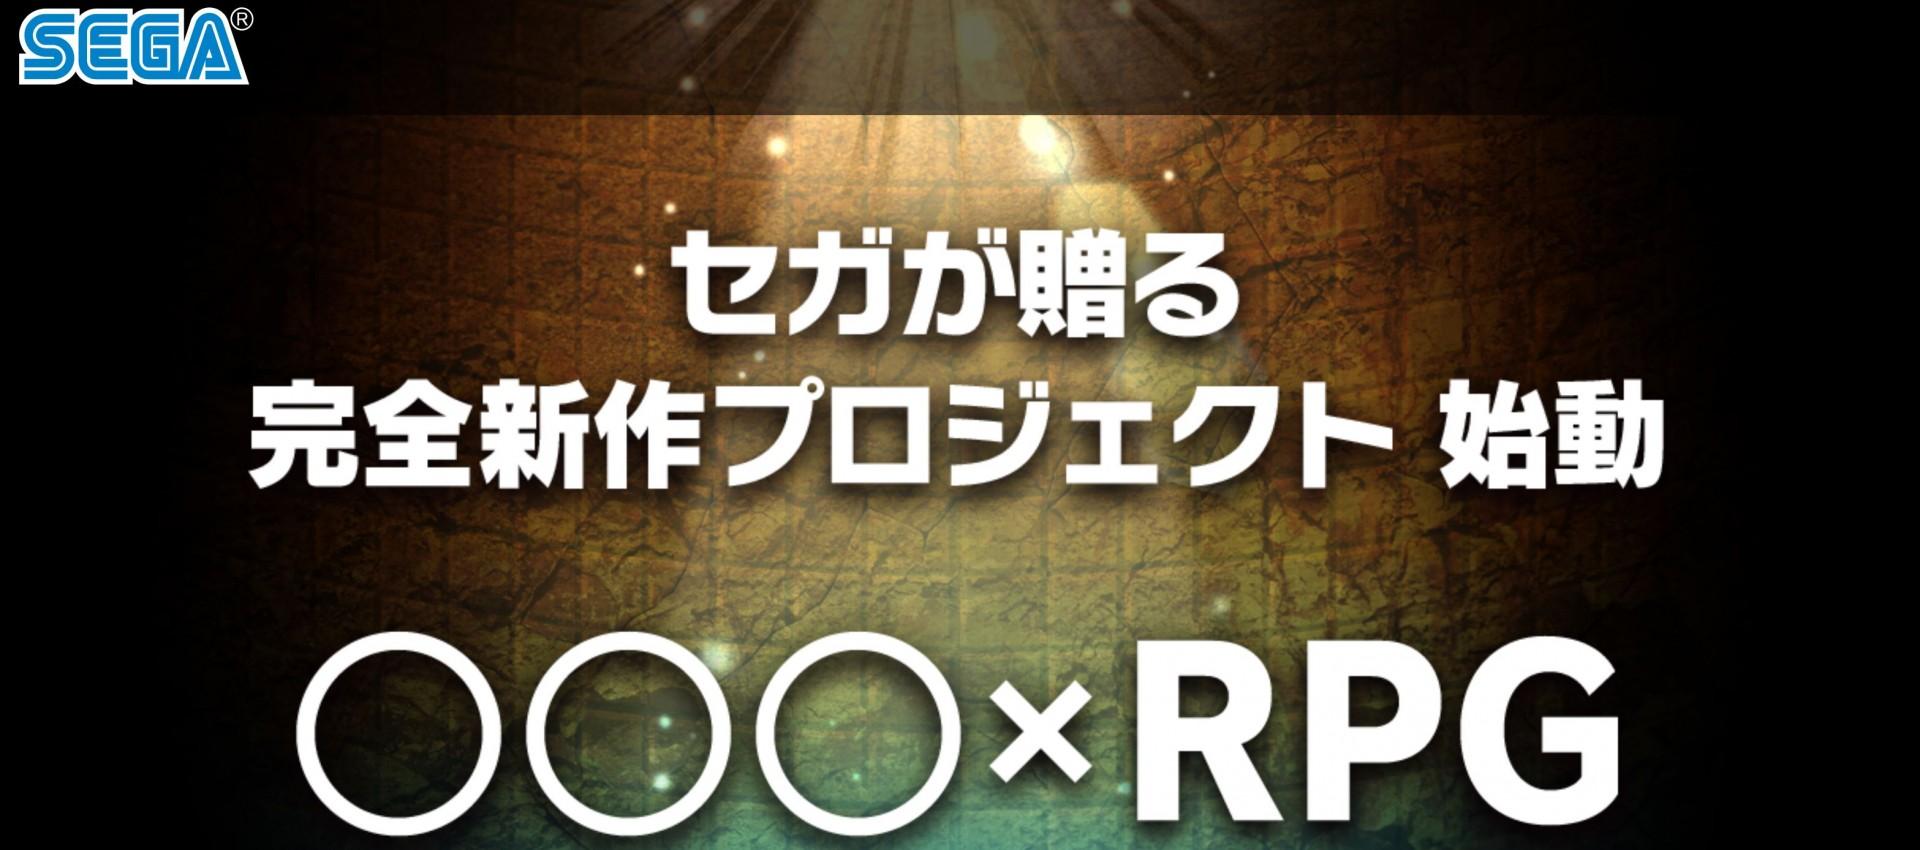 Sega تبدأ التشويق للعبة RPG جديدة والكشف عنها غدا!